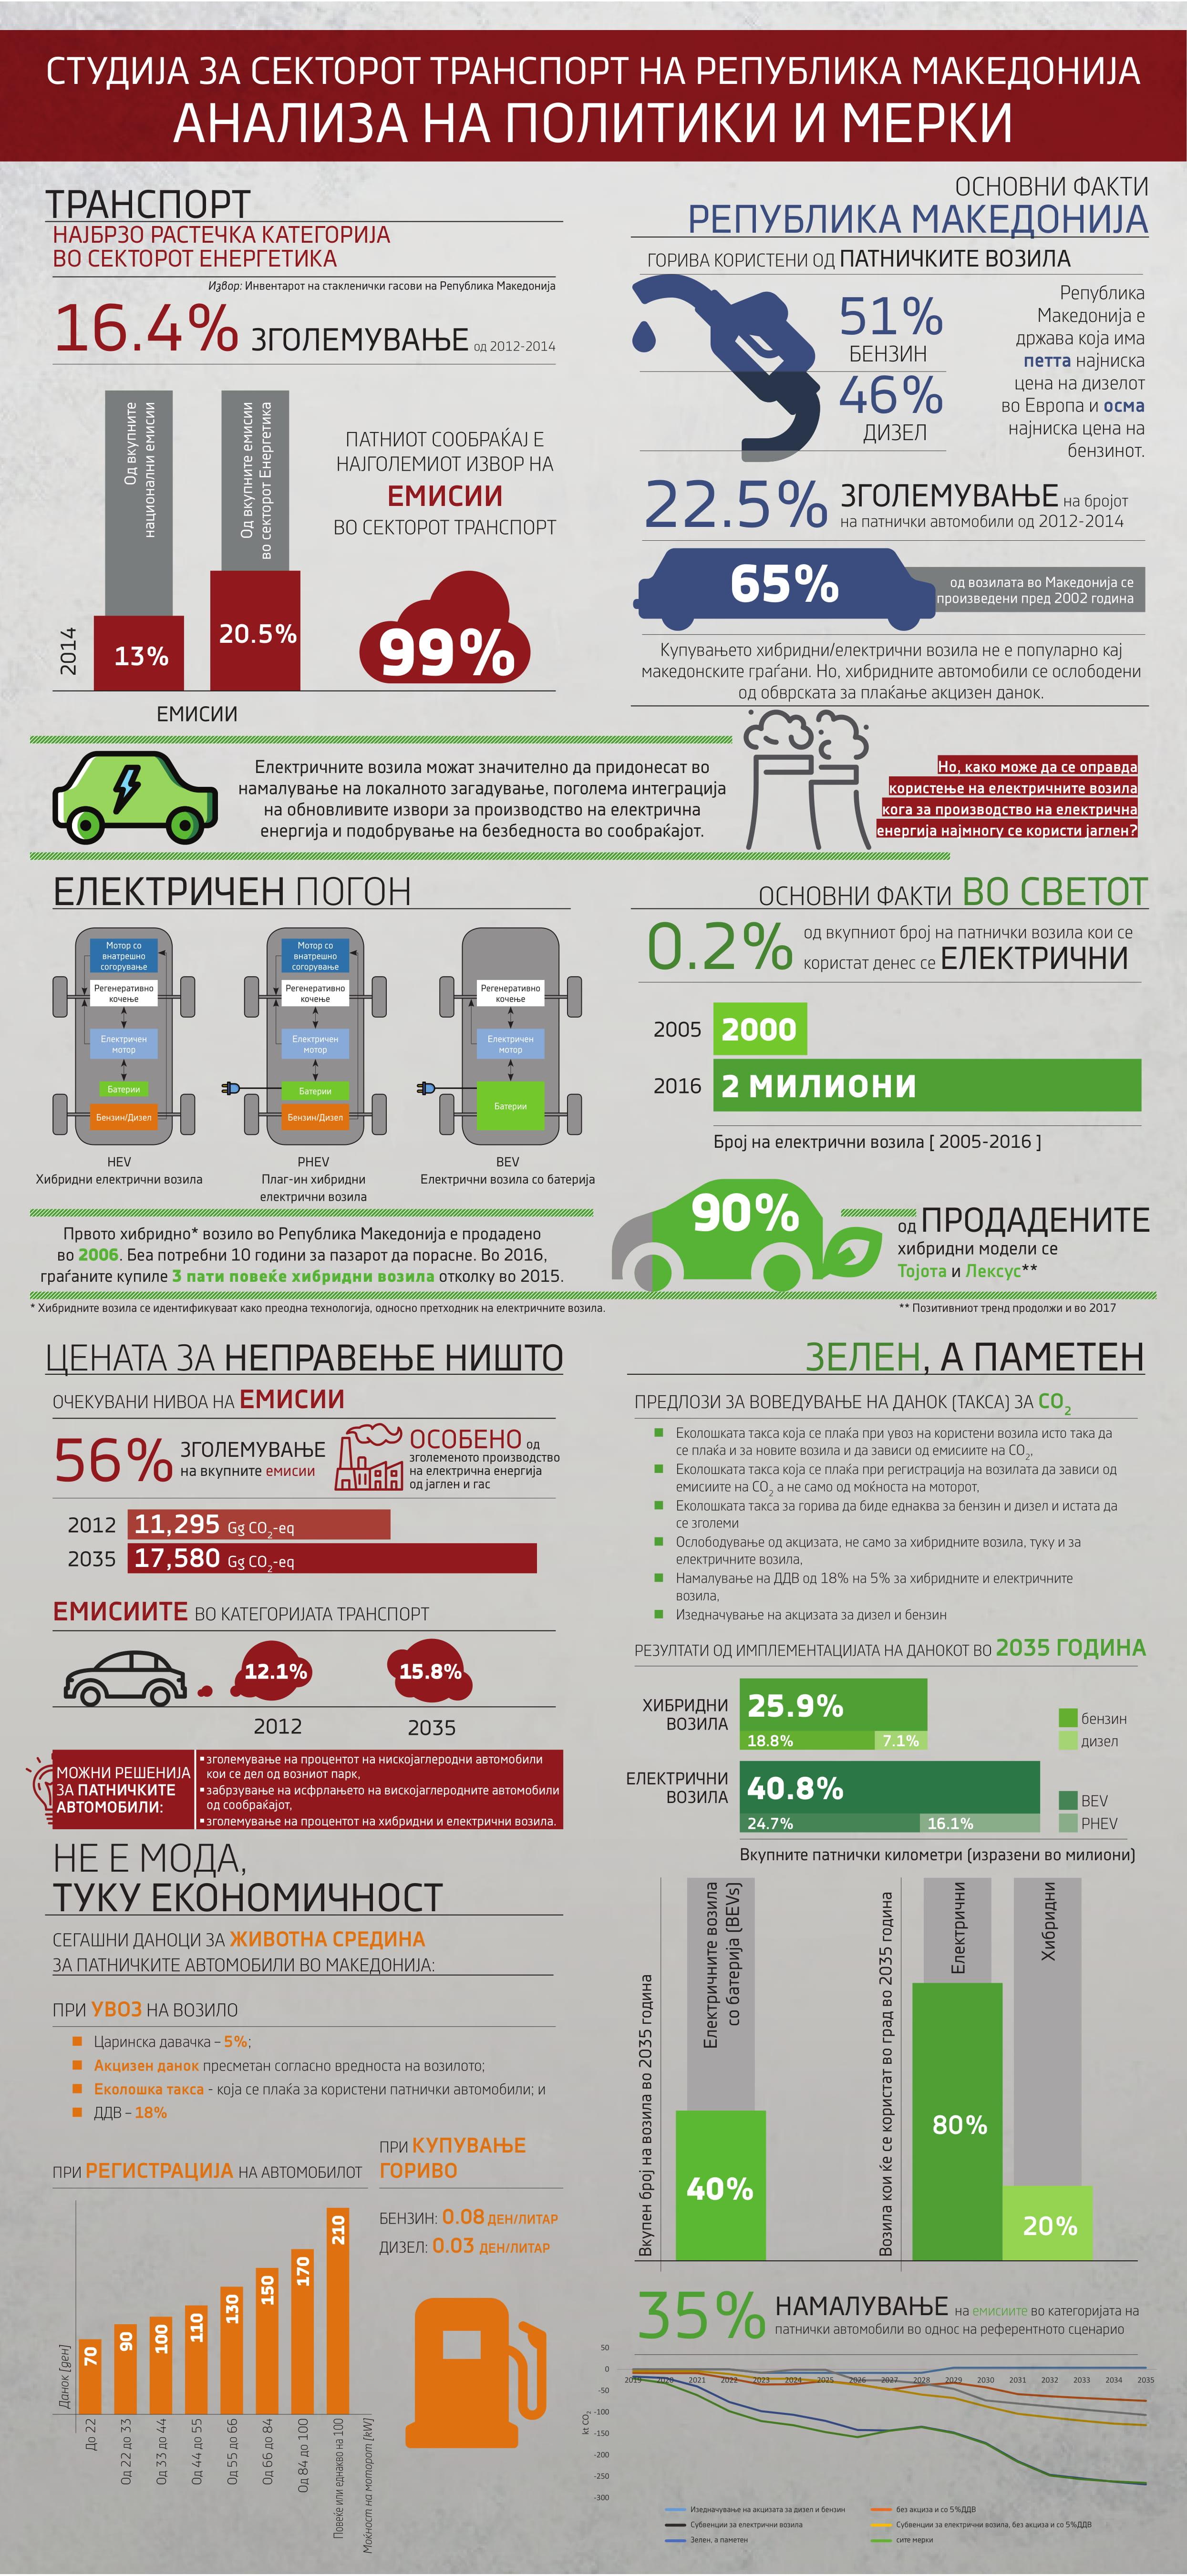 Инфографик - Студија за секторот транспорт, анализа на политики и мерки 1